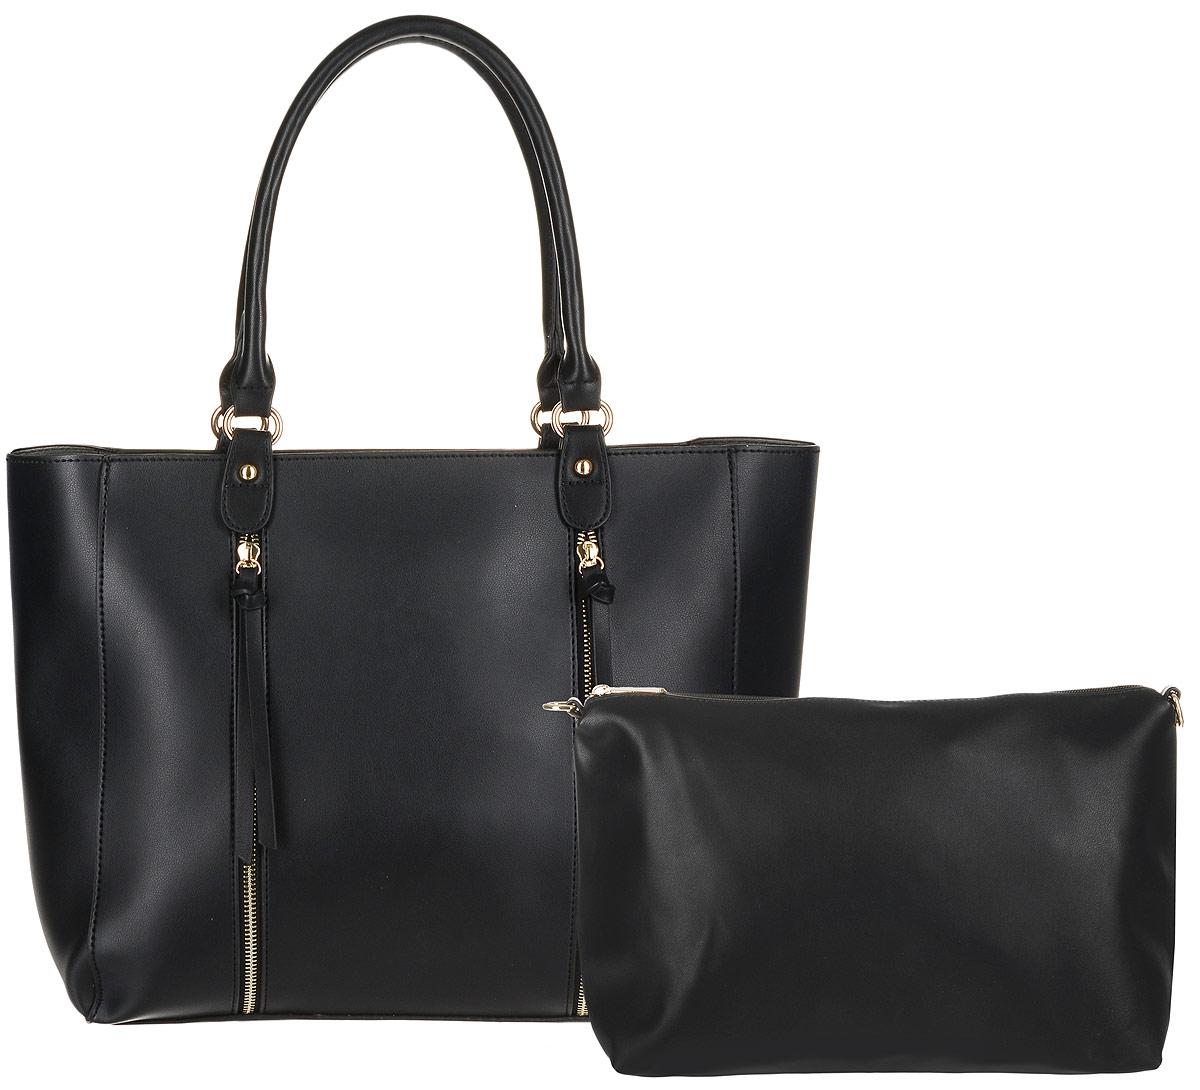 Сумка женская DDA, цвет: черный, 2 шт. BS-3003BS-3003 BlackЖенская сумка DDA выполнена из качественной искусственной кожи. В комплекте 2 сумочки: большая с двумя ручками и маленькая с наплечным ремнем. Большая сумка имеет одно вместительное отделение и застегивается на молнию. Лицевая часть оформлена двумя декоративными молниями. Сумка не содержит дополнительных карманов. Маленькая сумочка имеет съемный плечевой ремень, содержит одно отделение и застегивается на молнию. Внутри отделения расположены два открытых накладных кармана и один врезной. Сумочка легко помещается в большую.